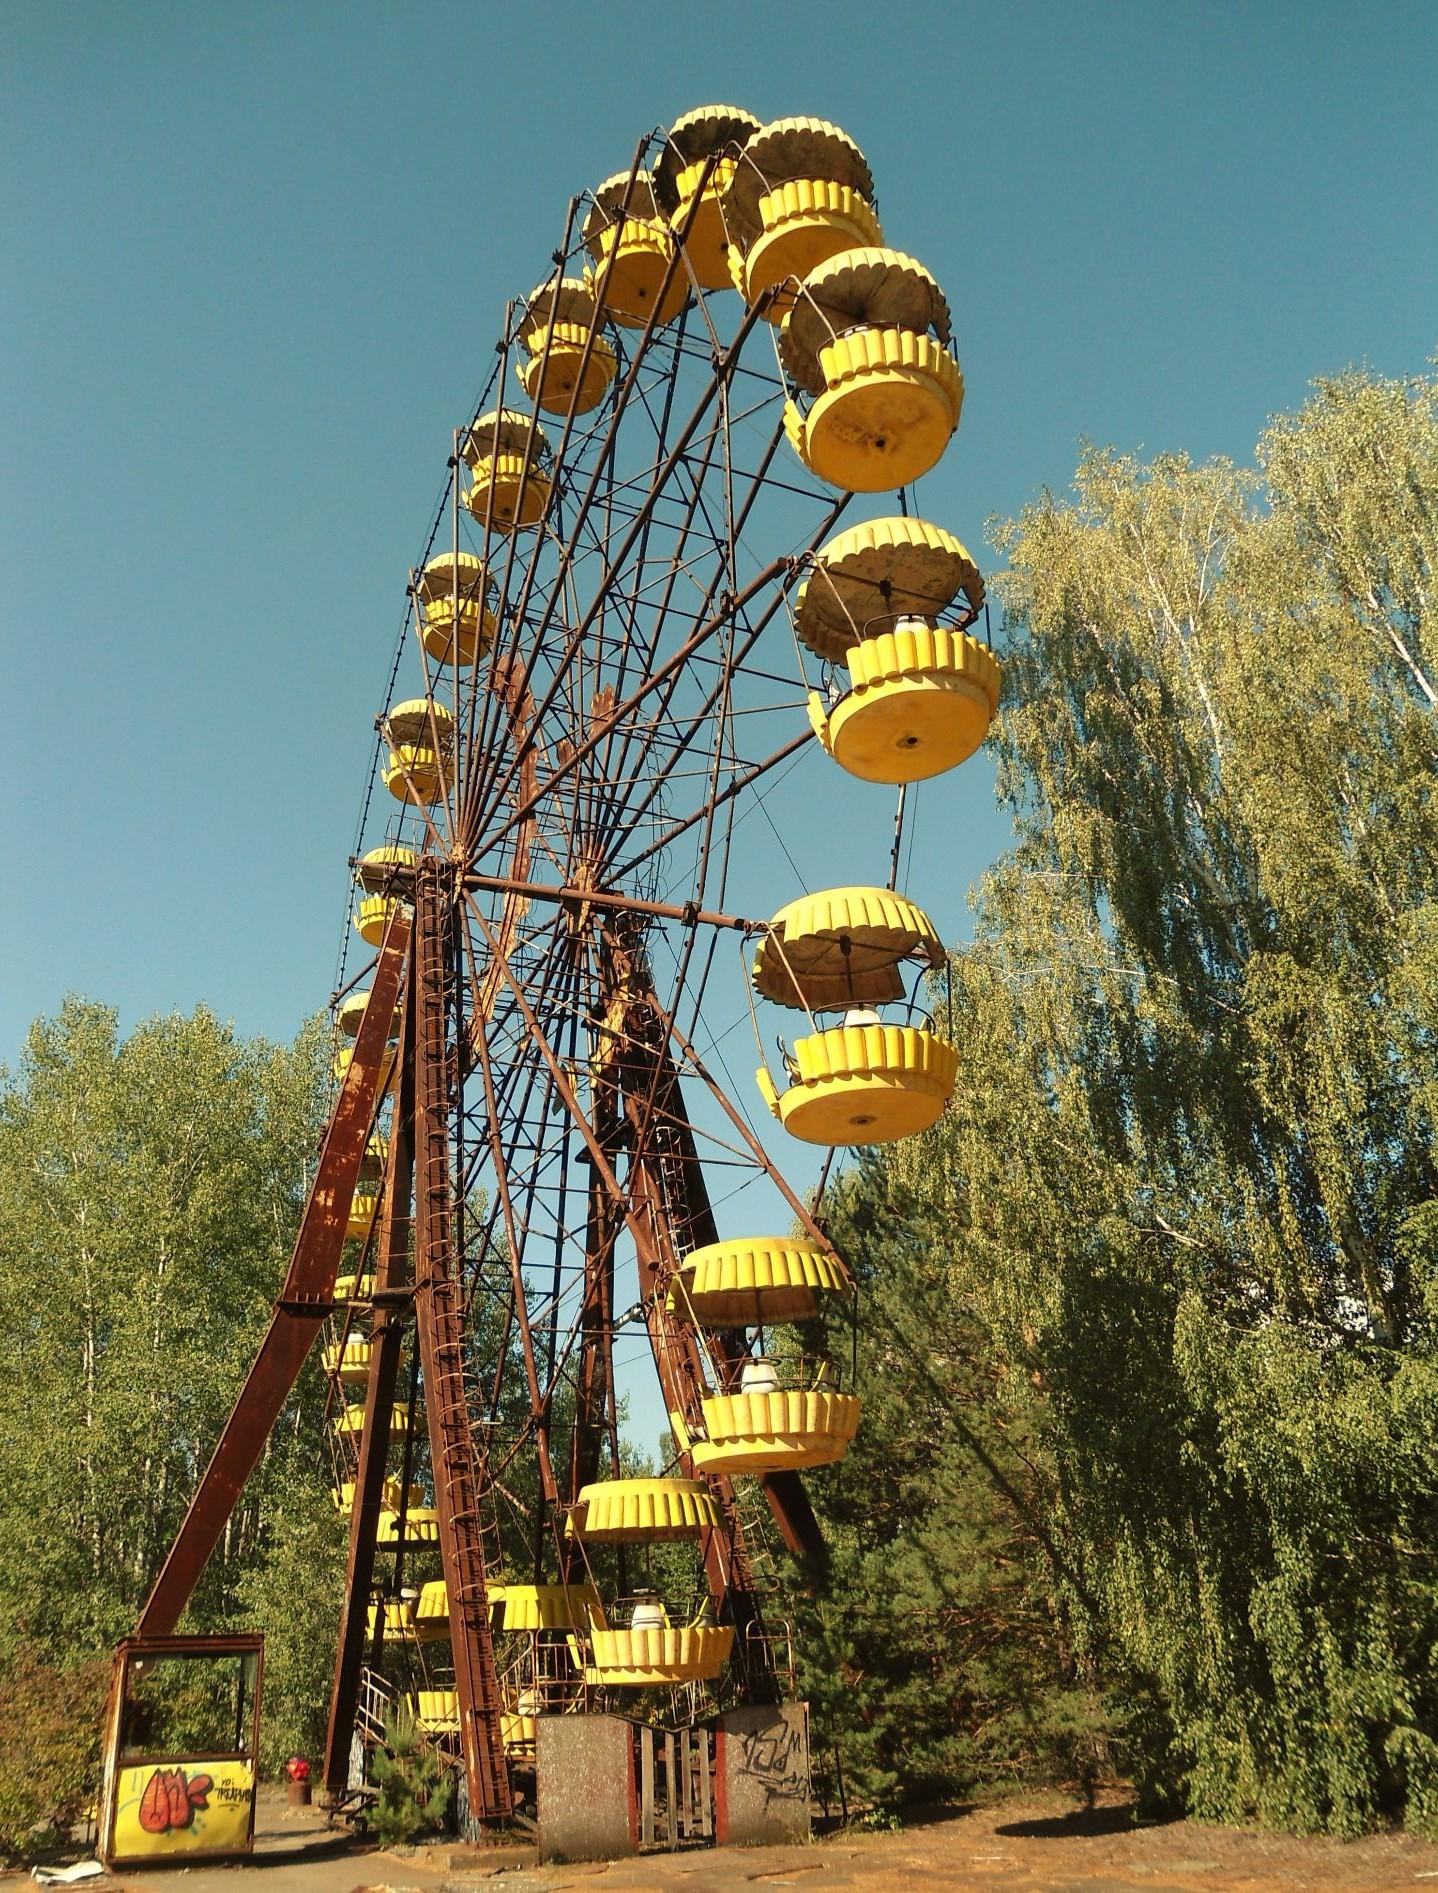 ...das gelbe unbenutzte Riesenrad.